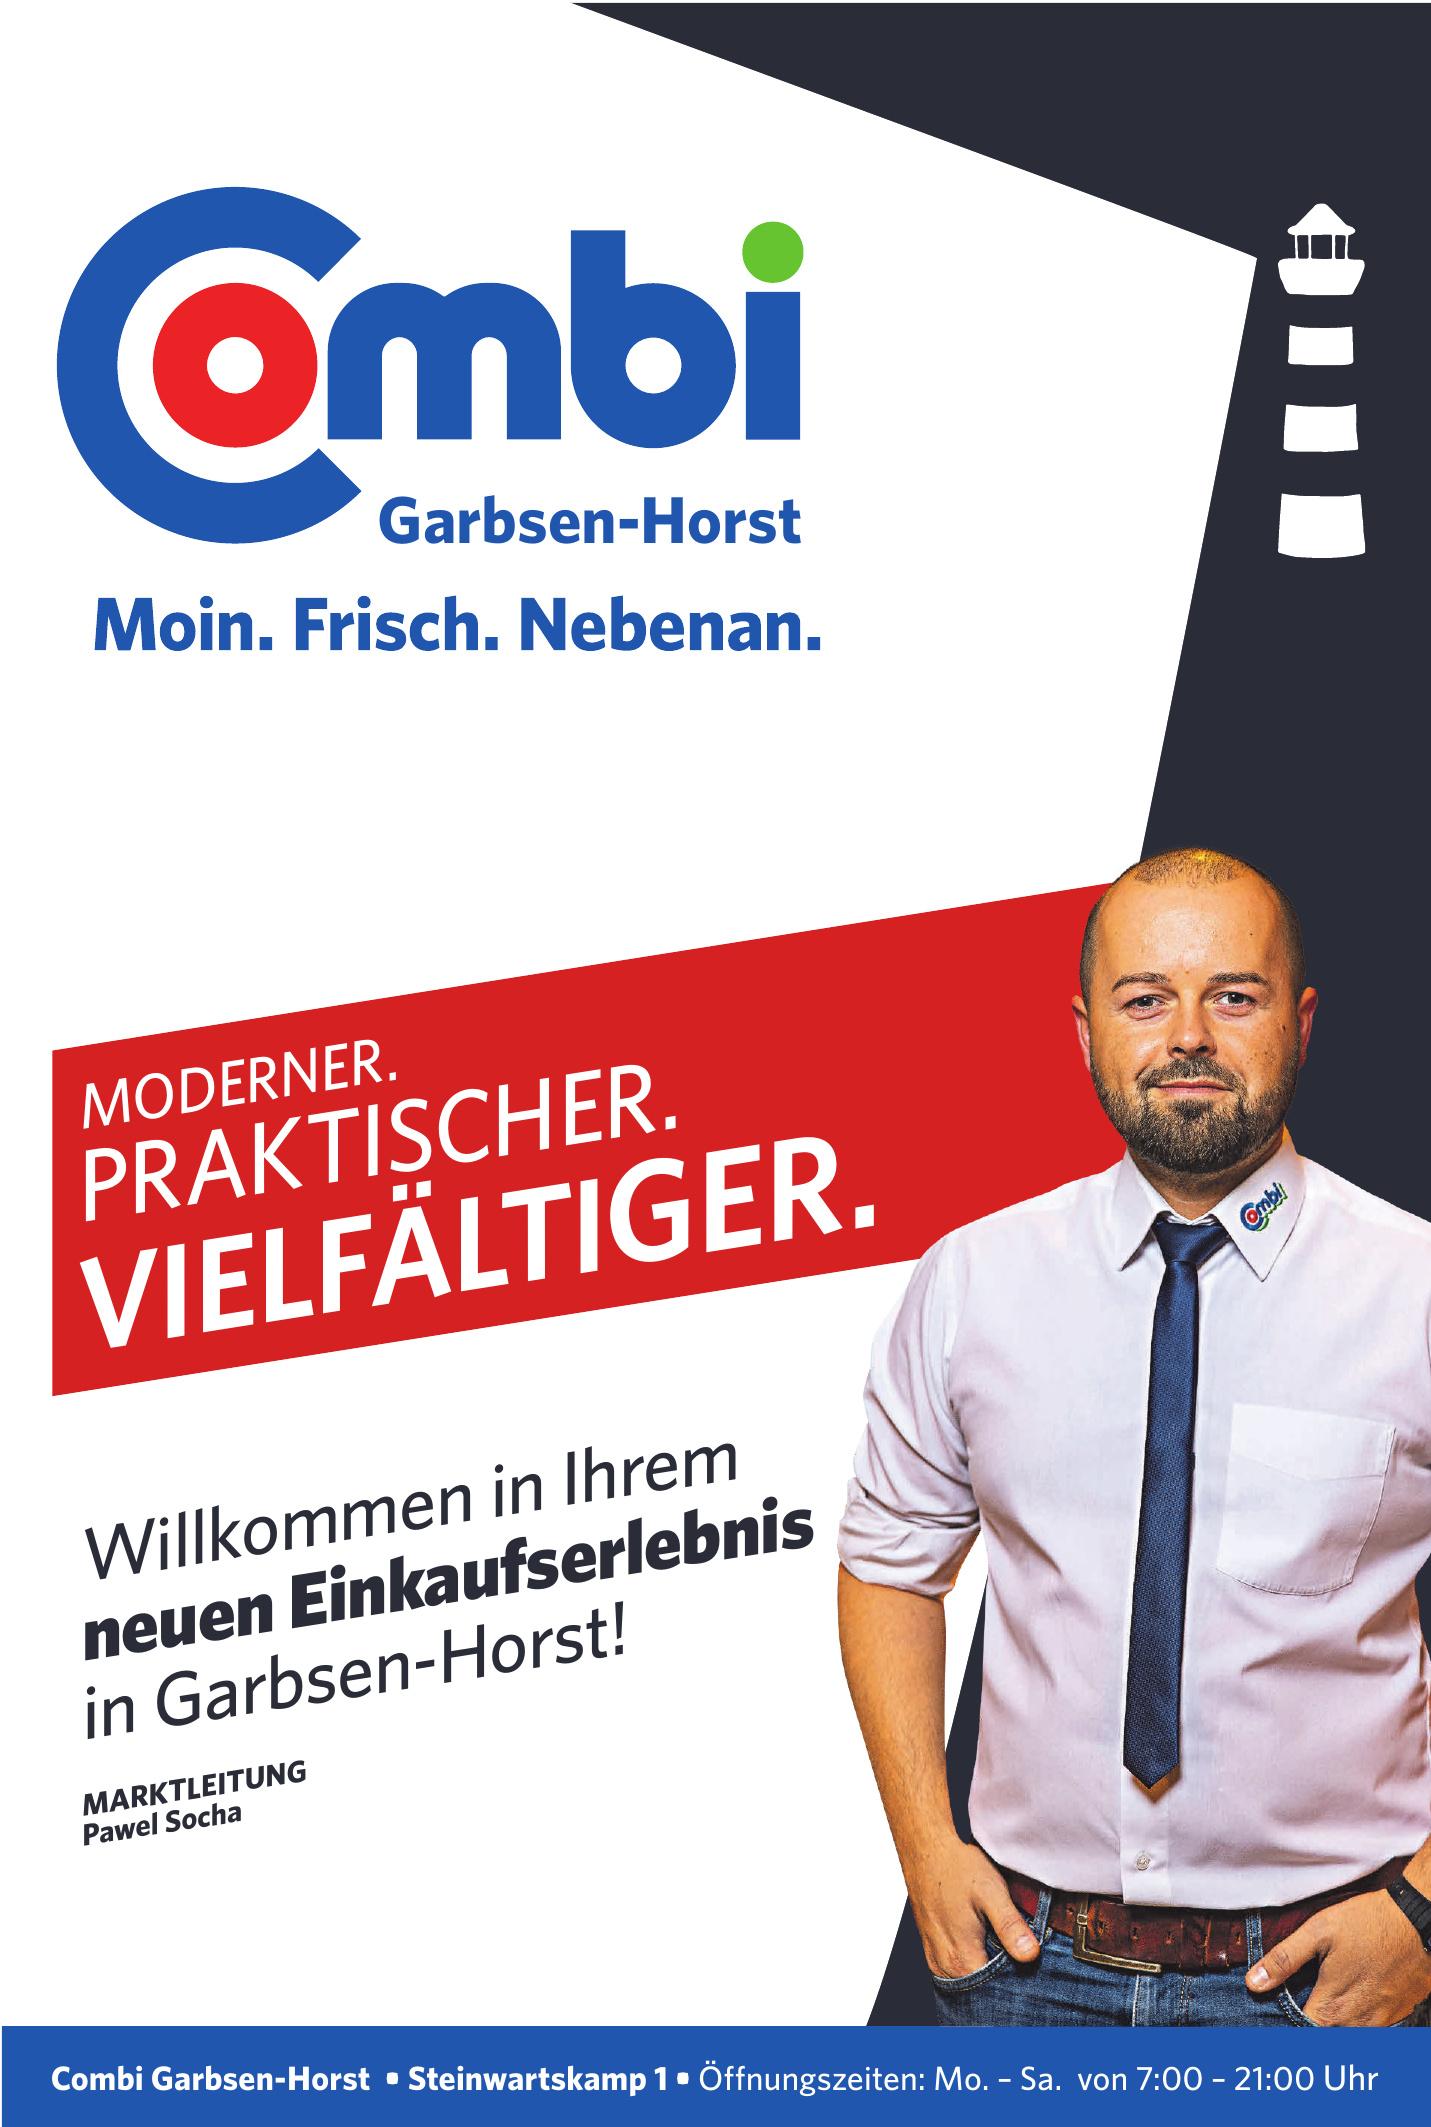 Combi Garbsen-Horst